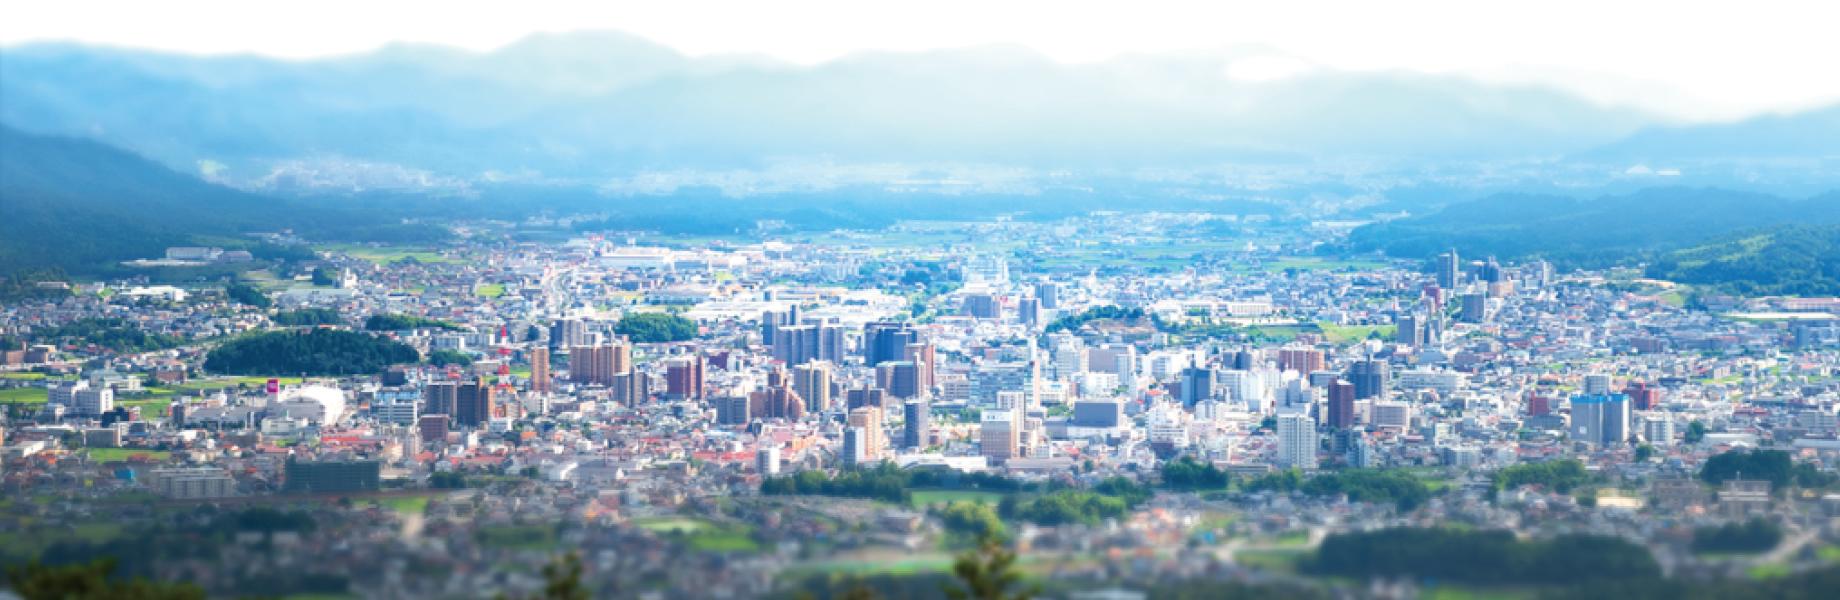 写真:東広島の風景